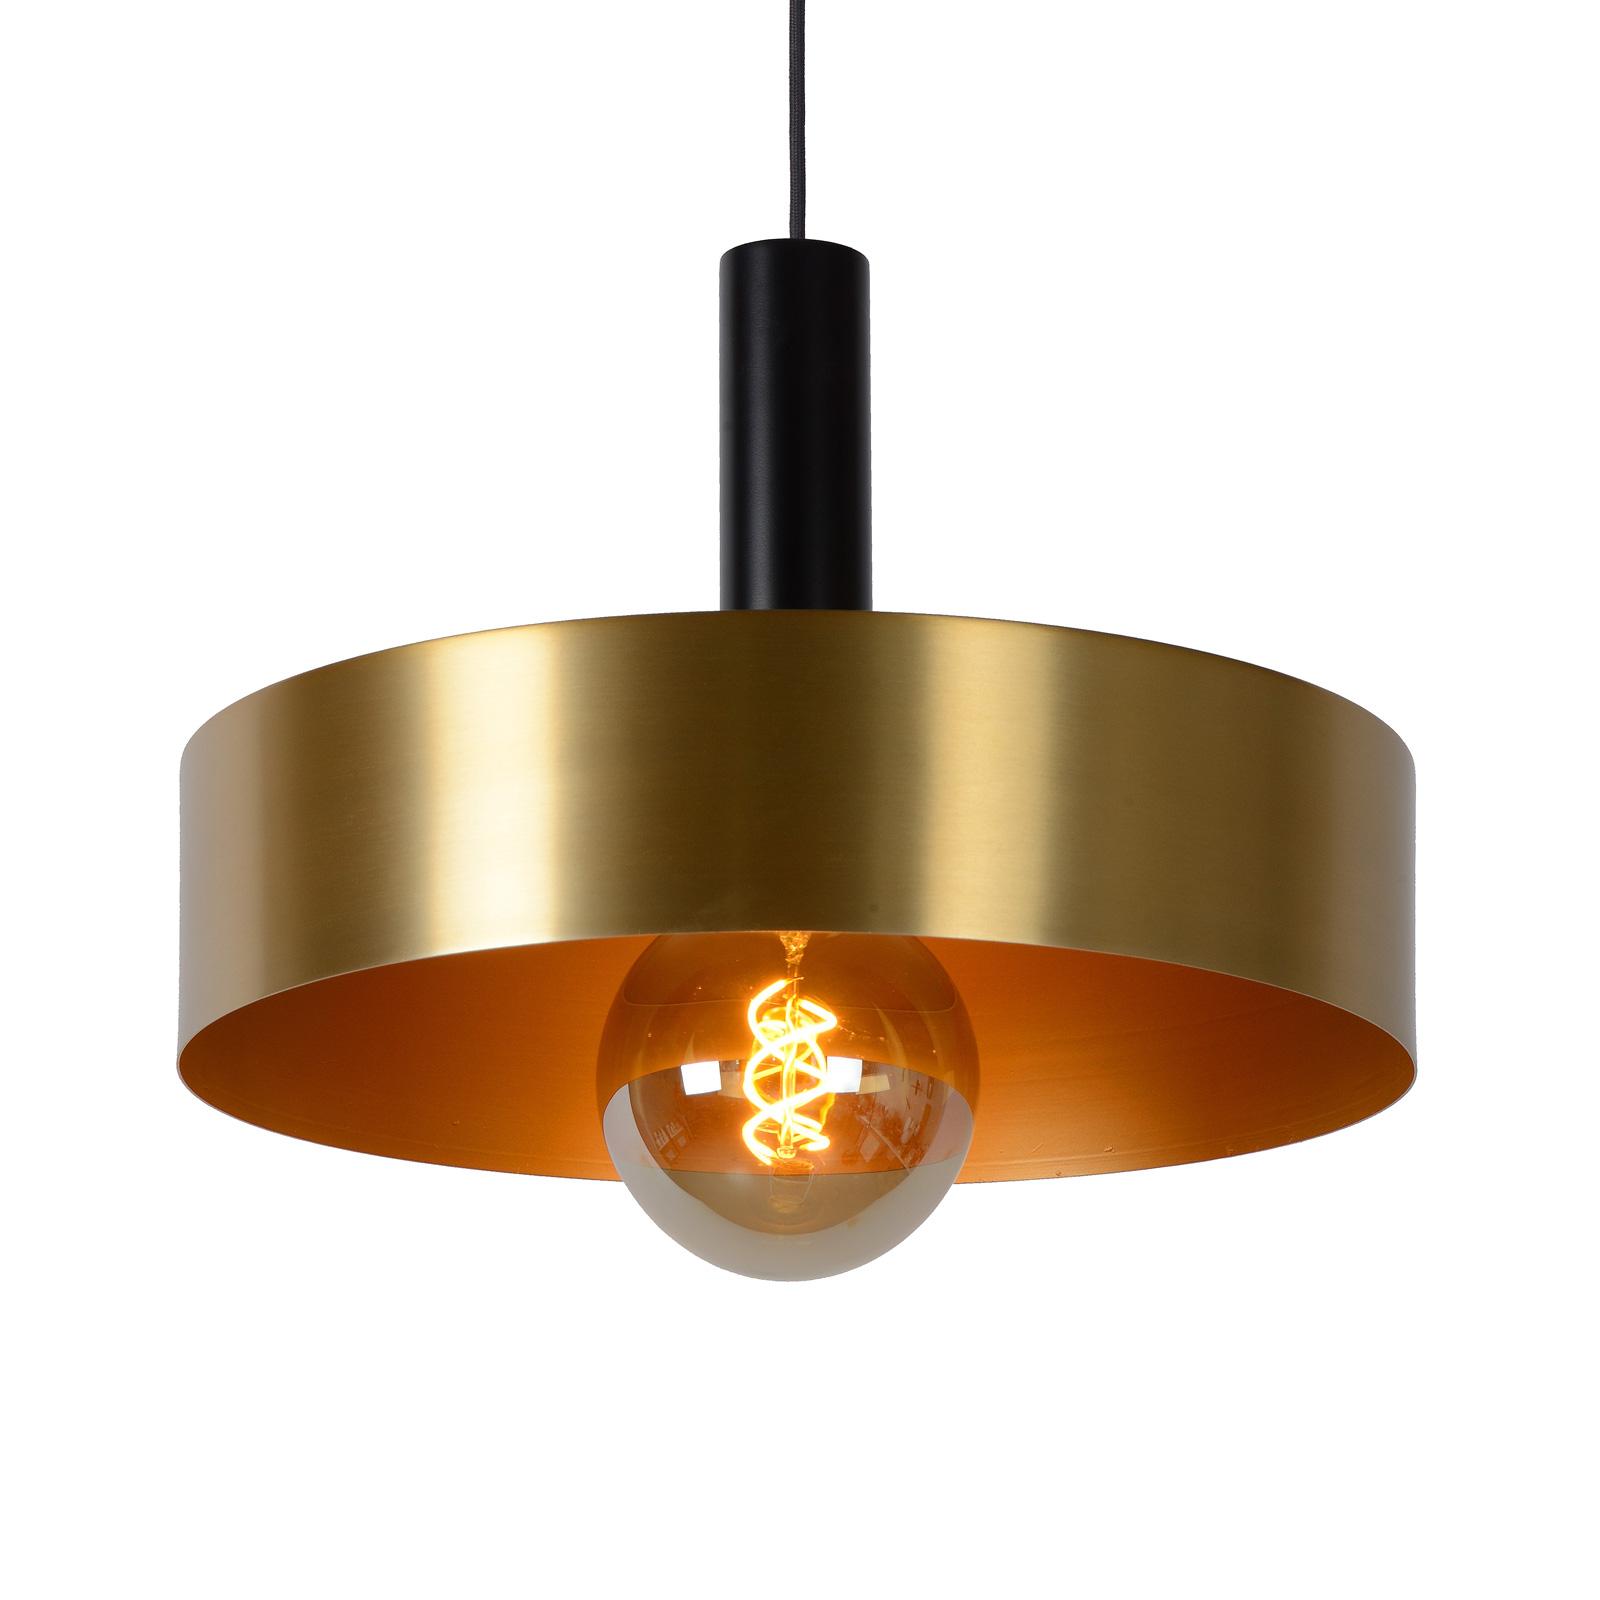 Lampa wisząca Giada czarna złota Ø 40 cm